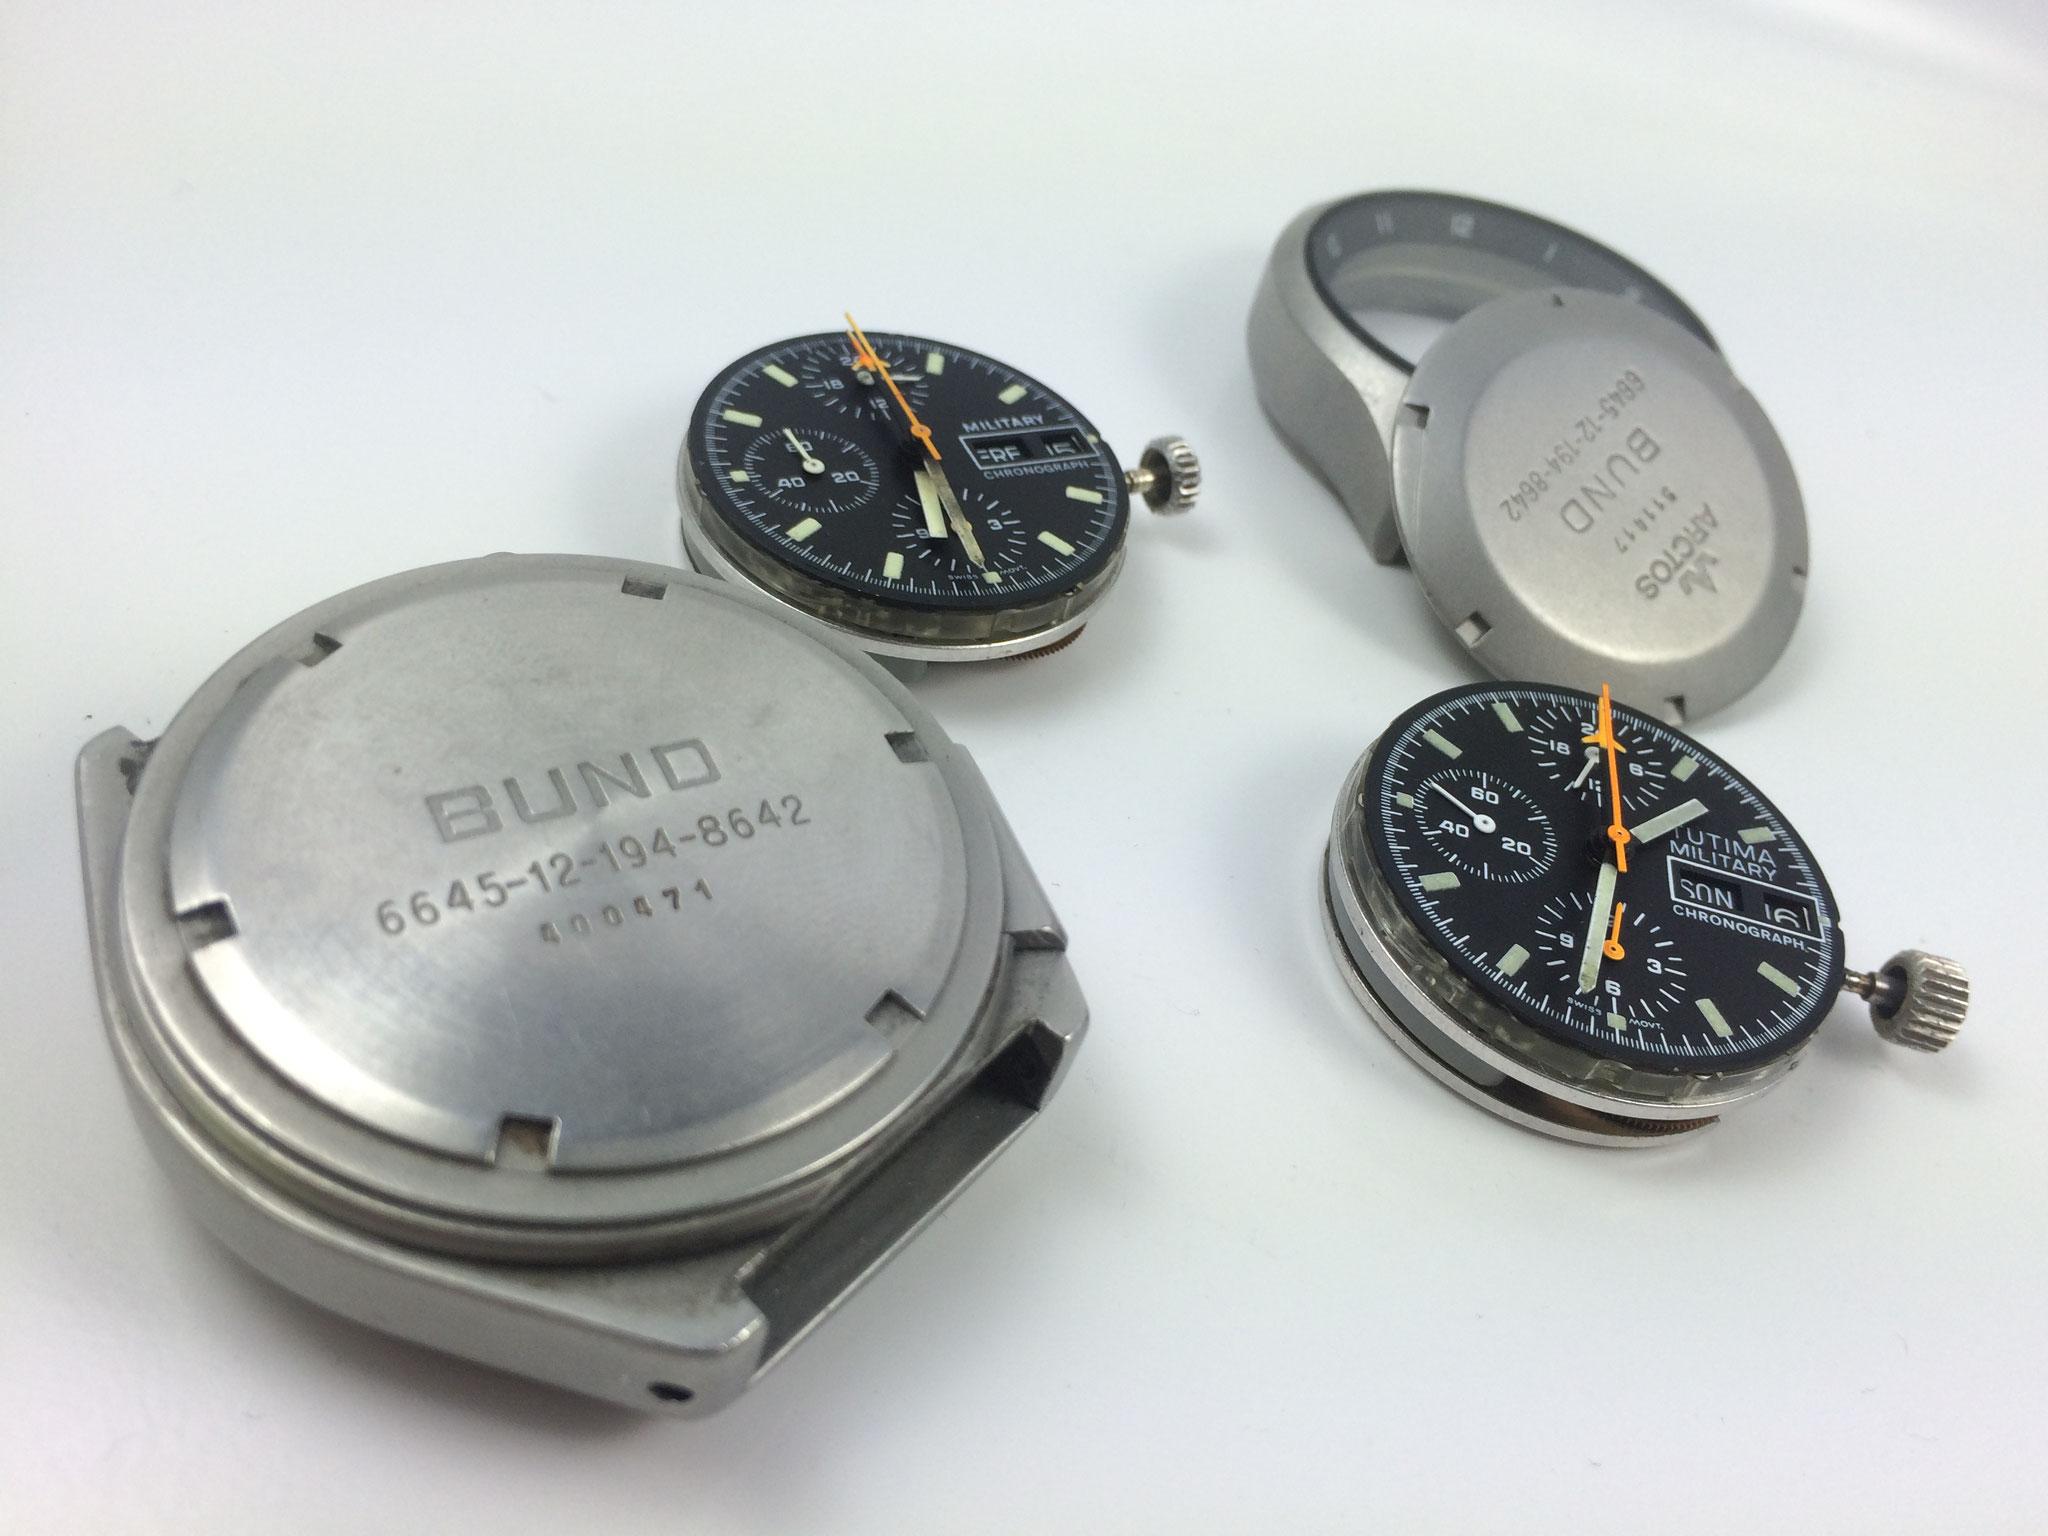 Tutima Bund und Arctos Bund Gehäuse und Lemania 5100 Uhrwerke